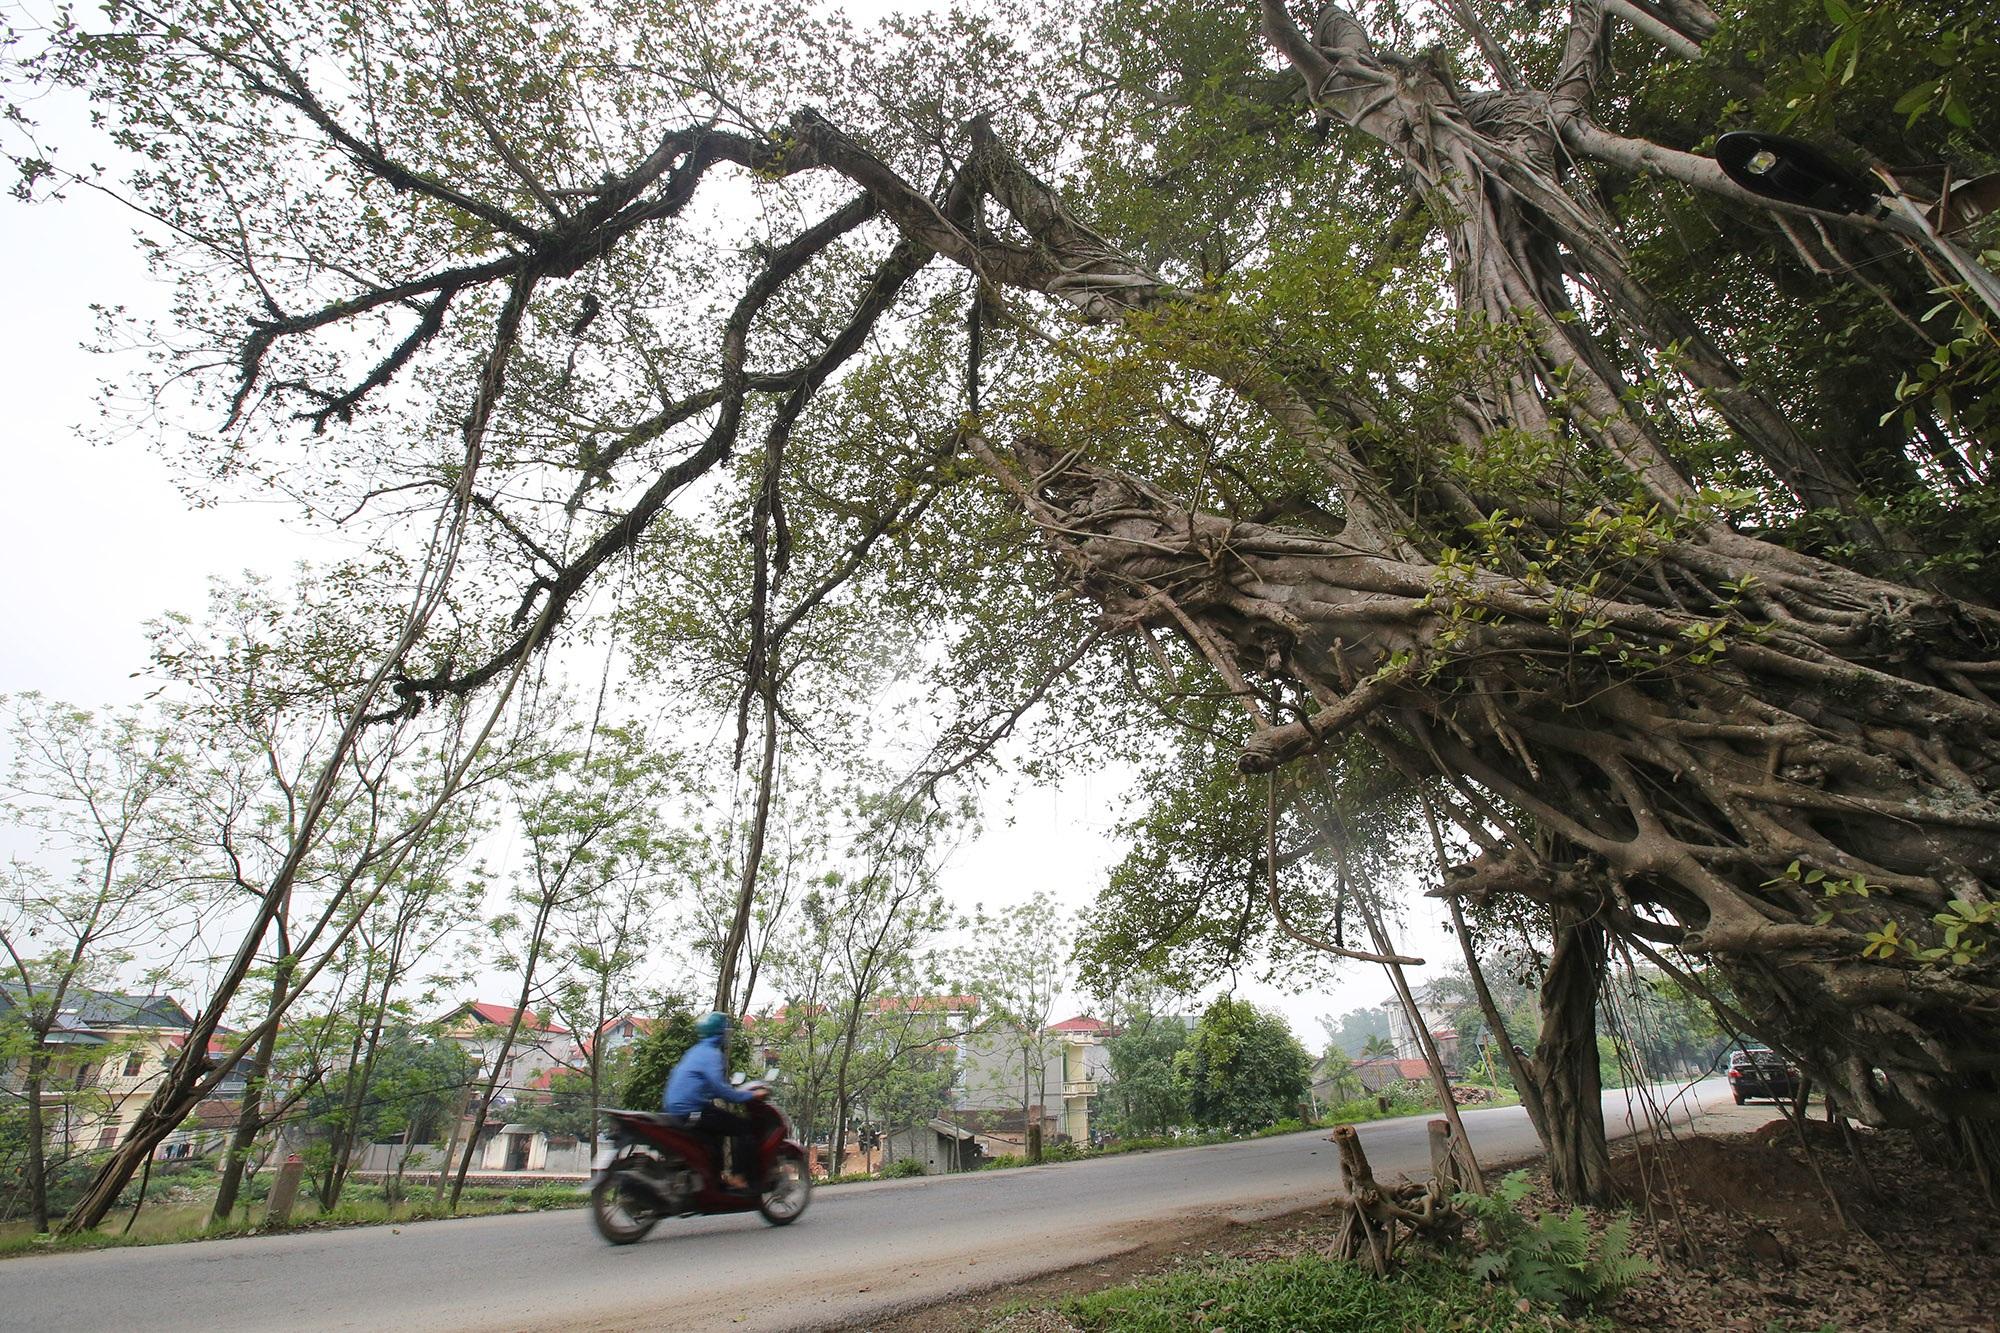 Chuyện ít người biết về cây đa khổng lồ ở xã Viên Nội - 14